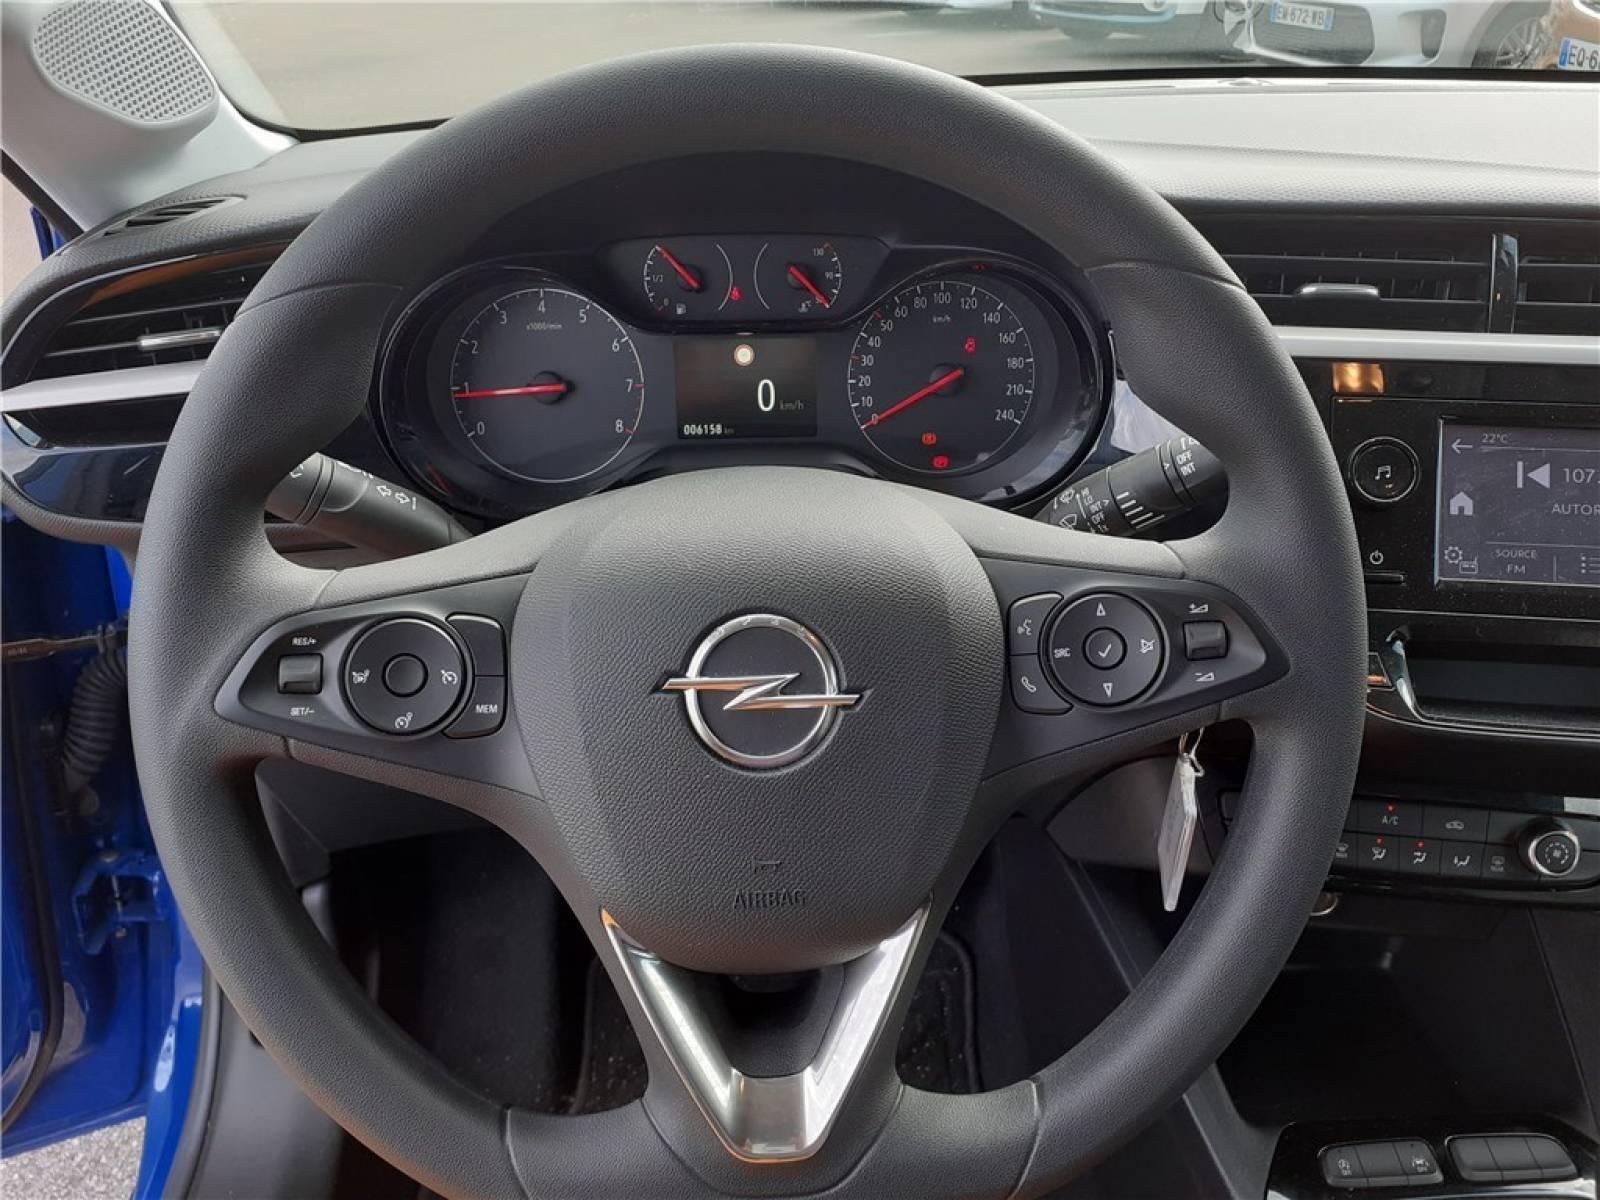 OPEL Corsa 1.2 75 ch BVM5 - véhicule d'occasion - Groupe Guillet - Opel Magicauto - Chalon-sur-Saône - 71380 - Saint-Marcel - 19